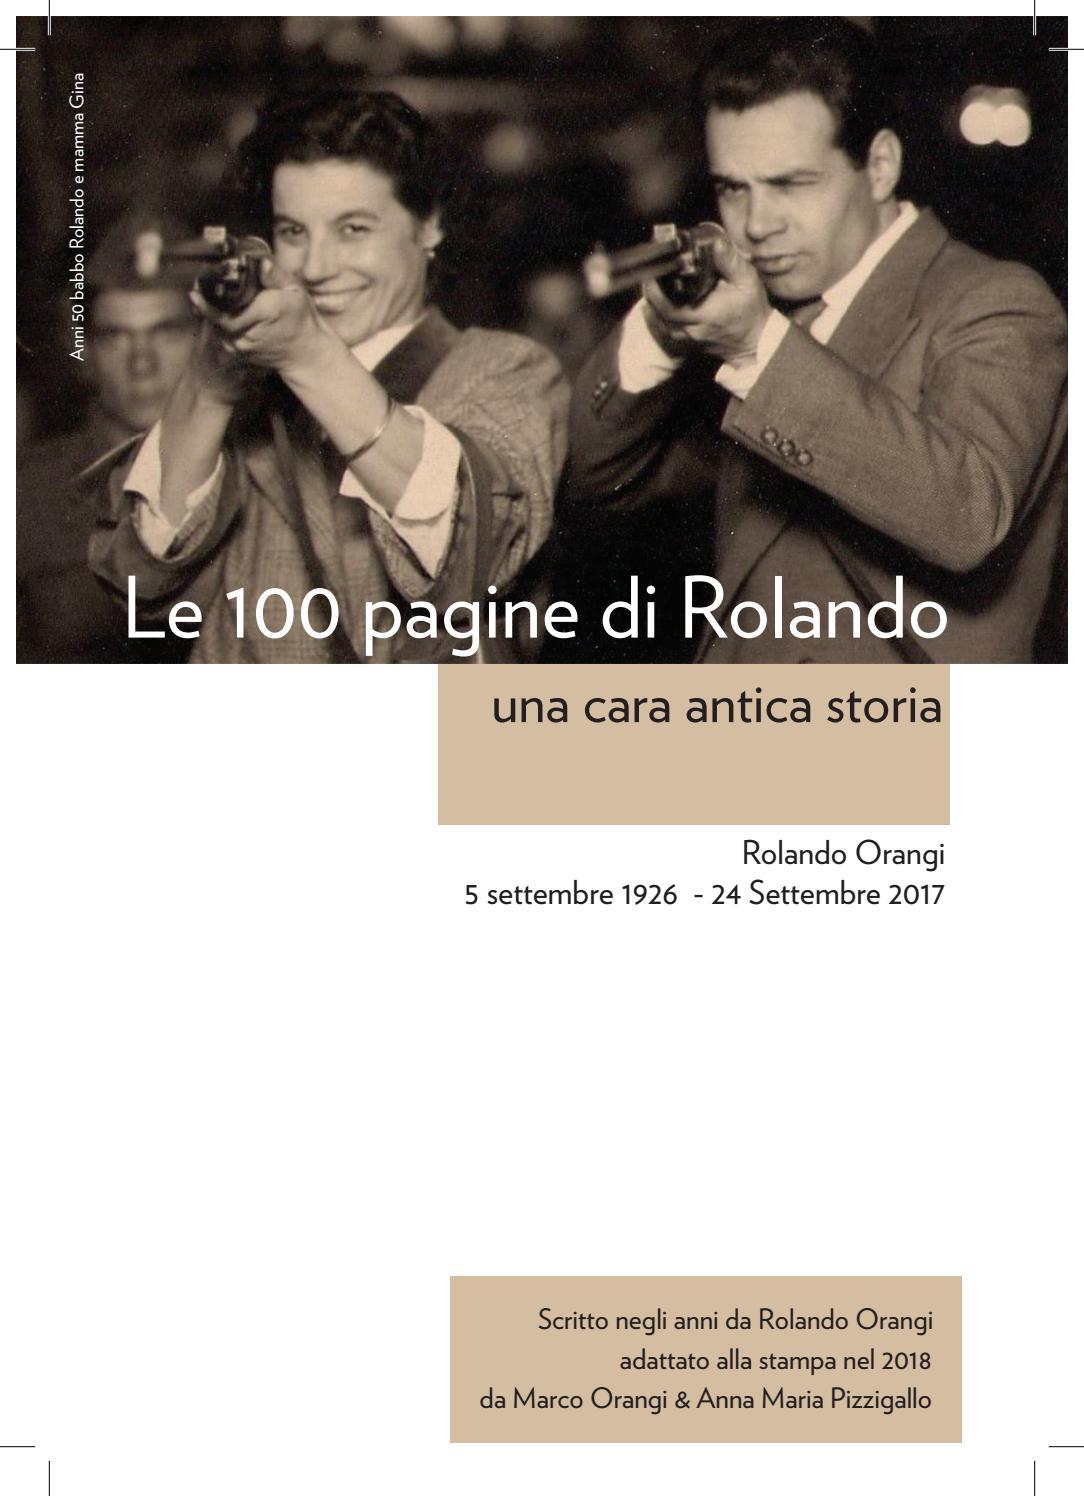 933a0401f6f2 Le 100 Pagine di Rolando by redazione - issuu